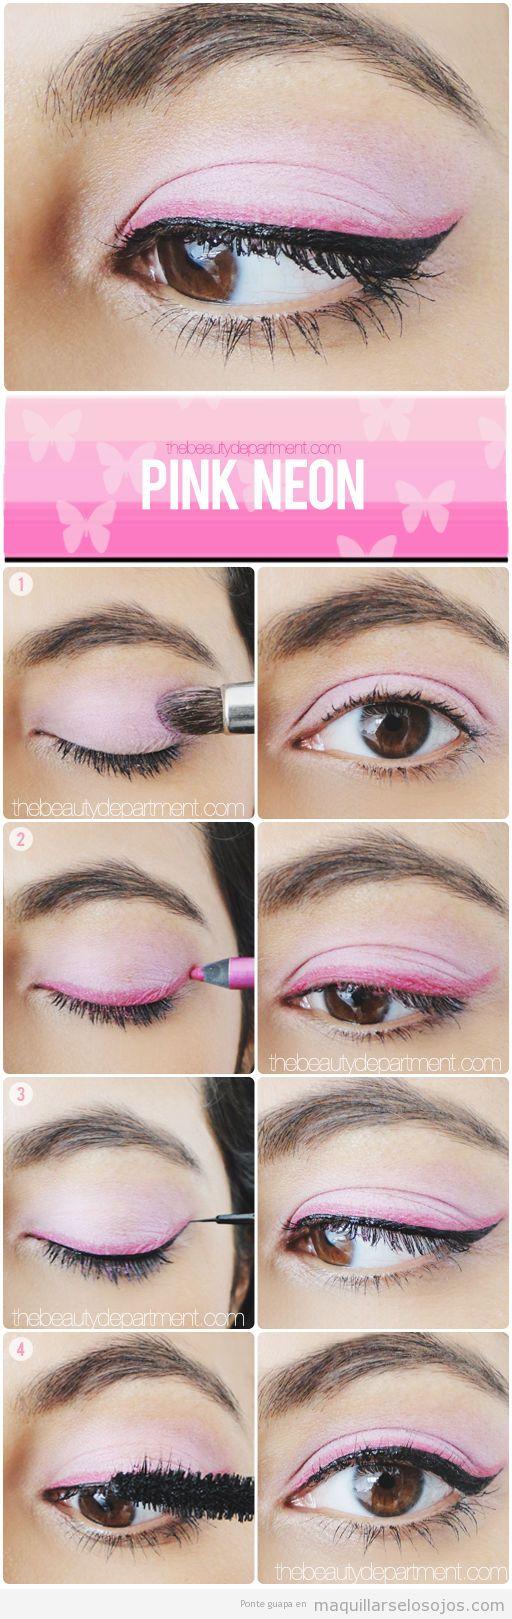 Tutorial maquillaje de ojos doble línea en rosa neón y  negro